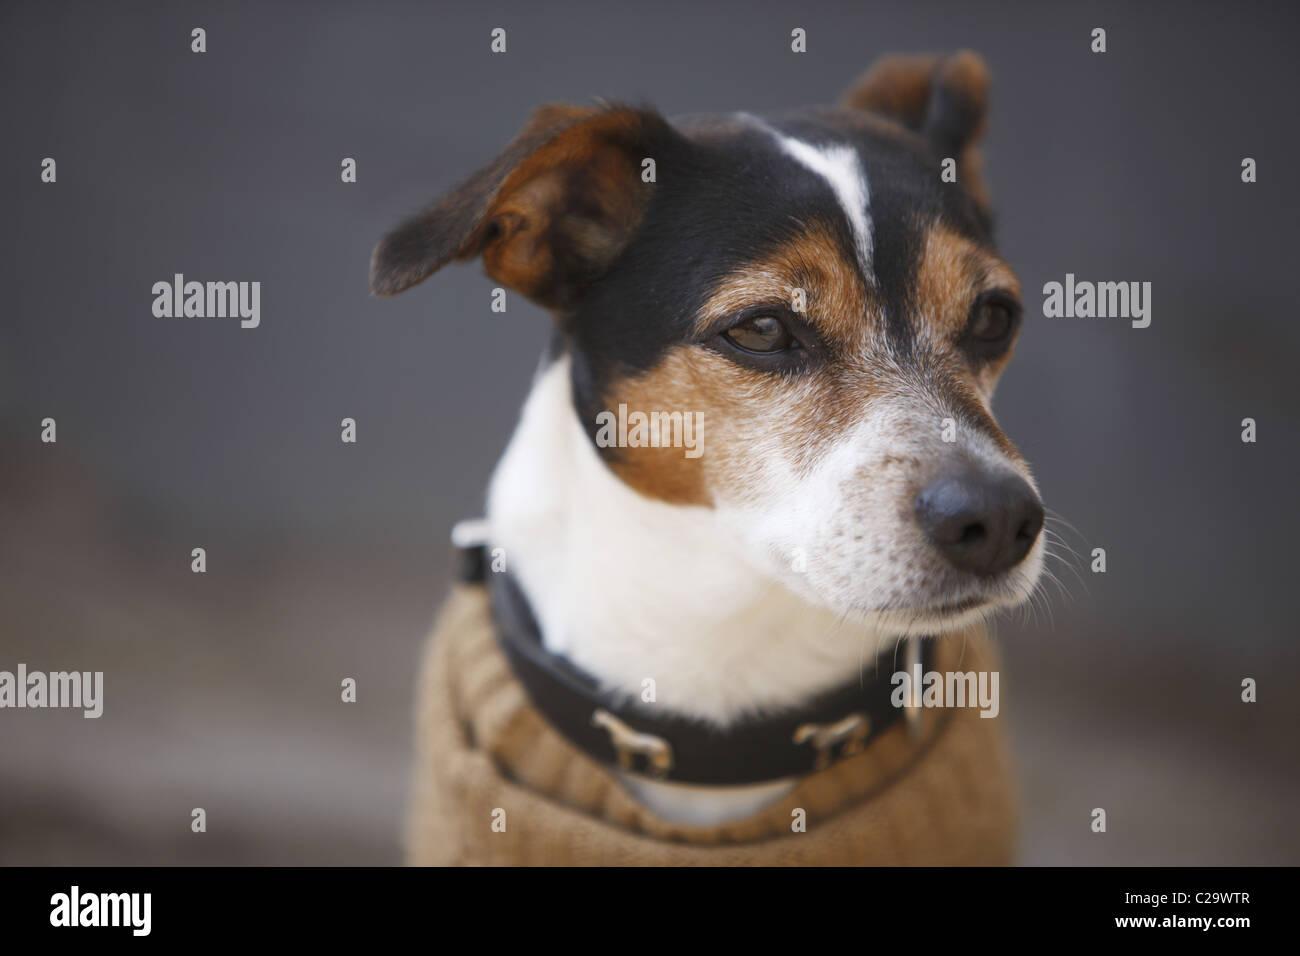 DEU, 20110325,Dog with a waistcoast - Stock Image